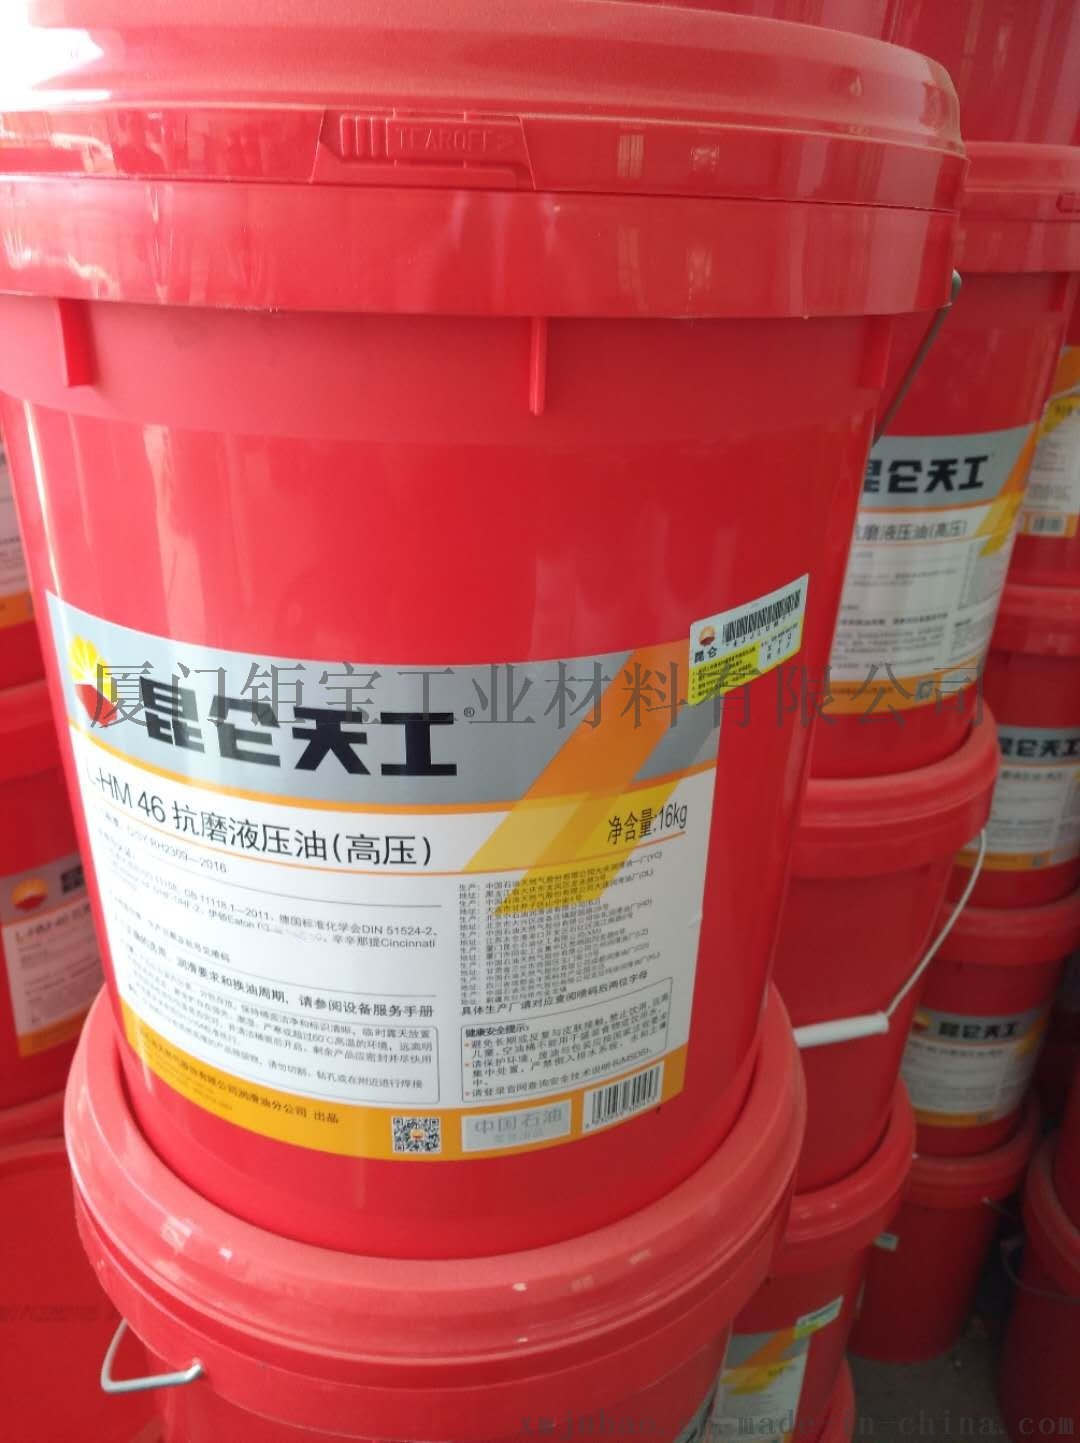 崑崙天工抗磨液壓油(高壓)770544605